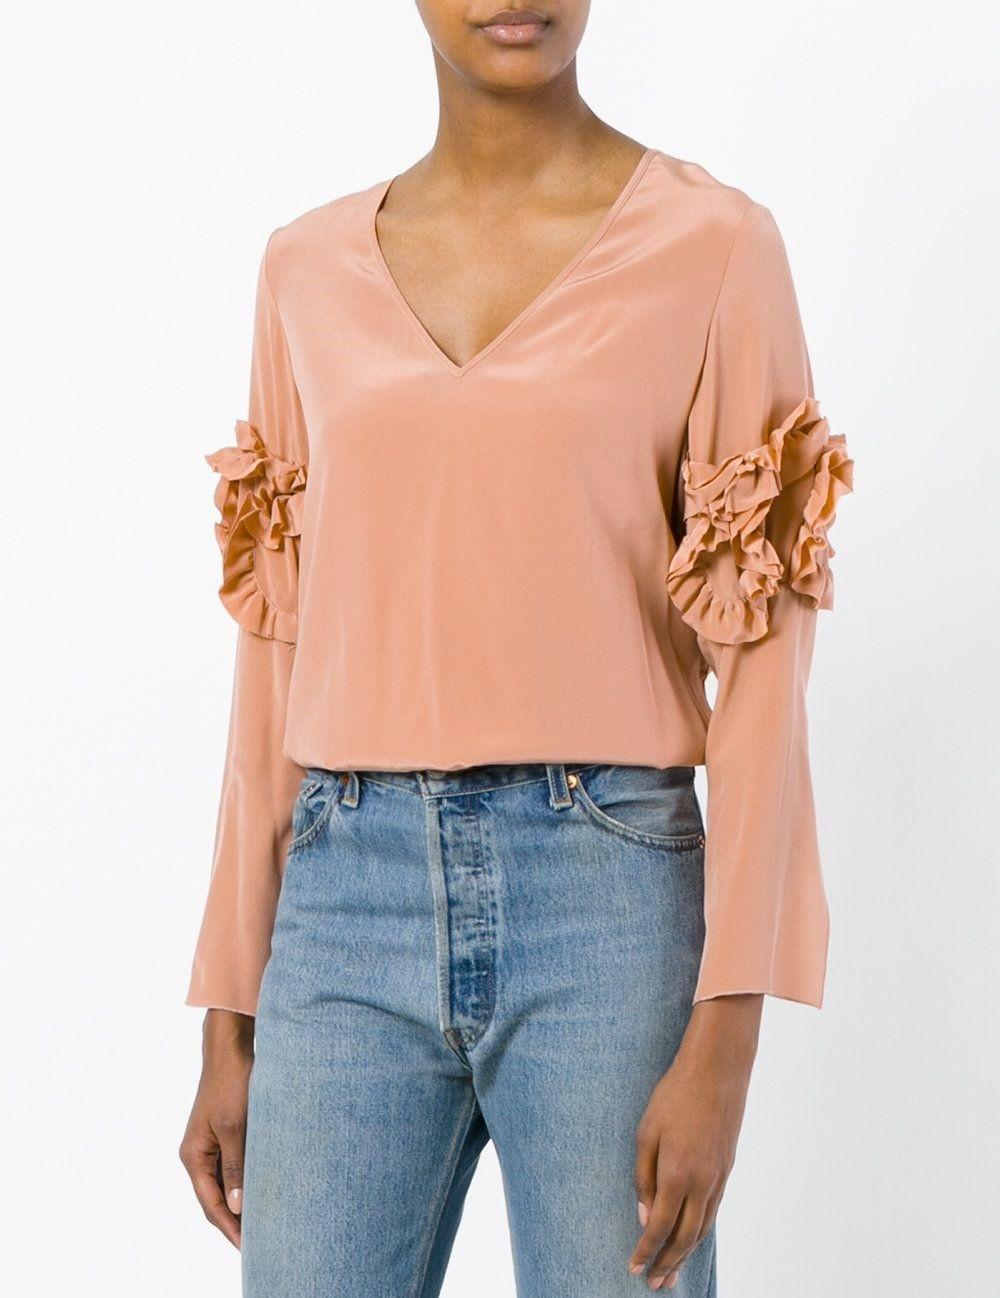 модные сеты 2018: блузка бежевая под джинсы